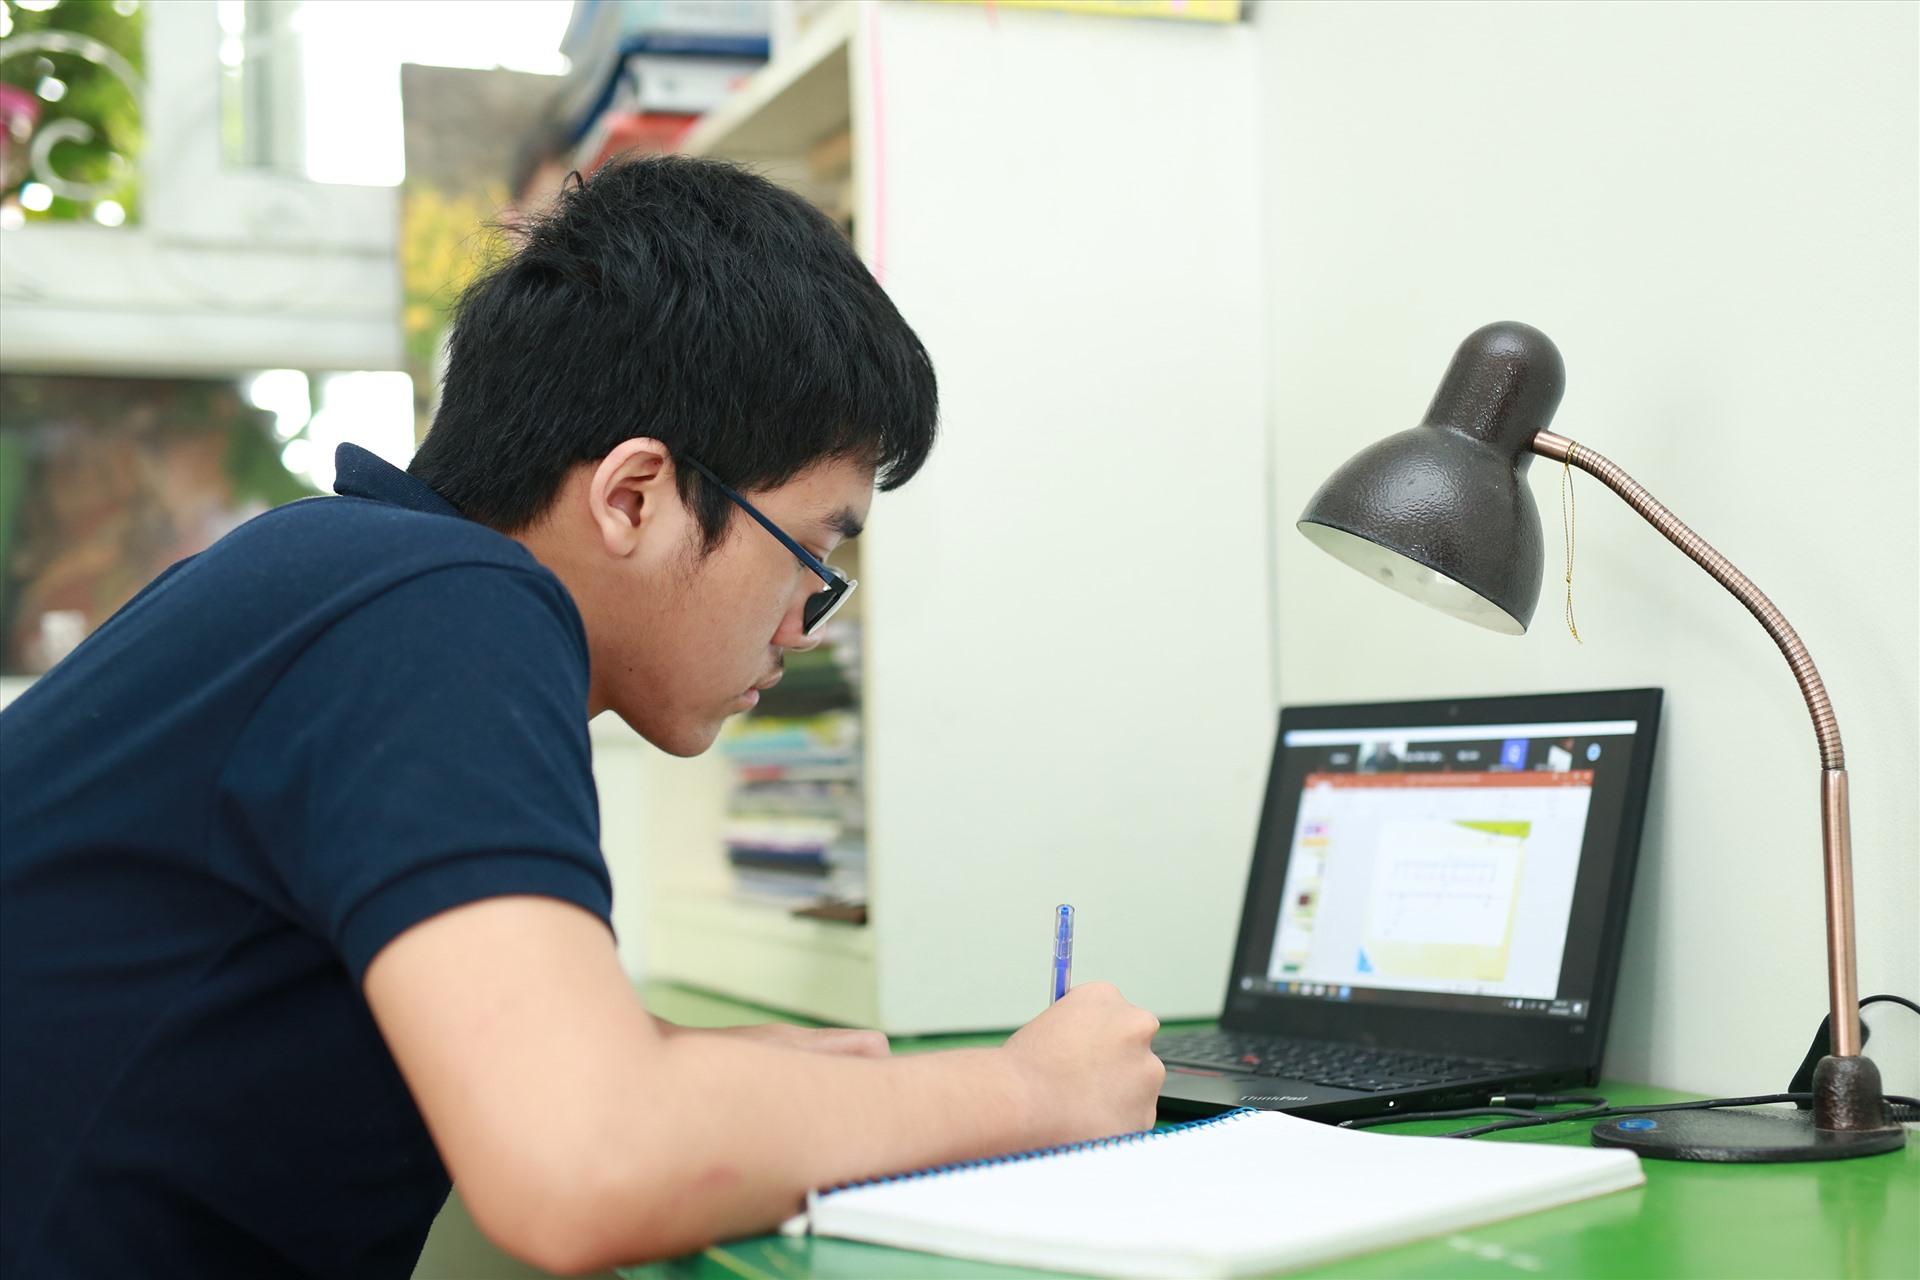 Giúp con học trực tuyến an toàn và hiệu quả cùng F-Safe của Internet FPT